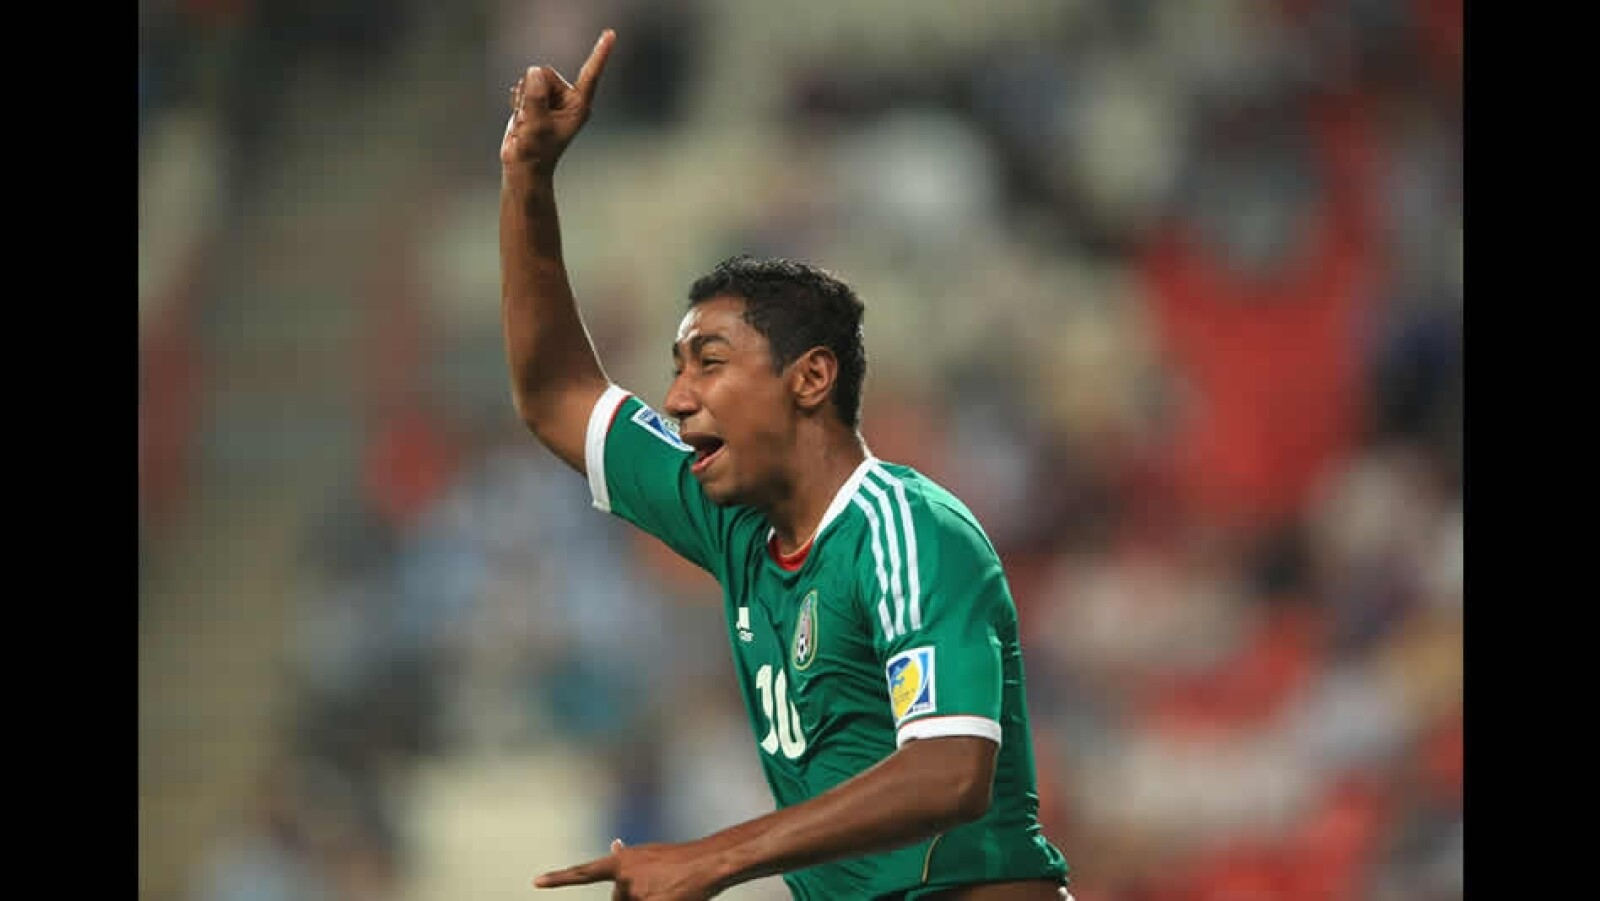 el mexiacno marco granados celebra el tercer gol